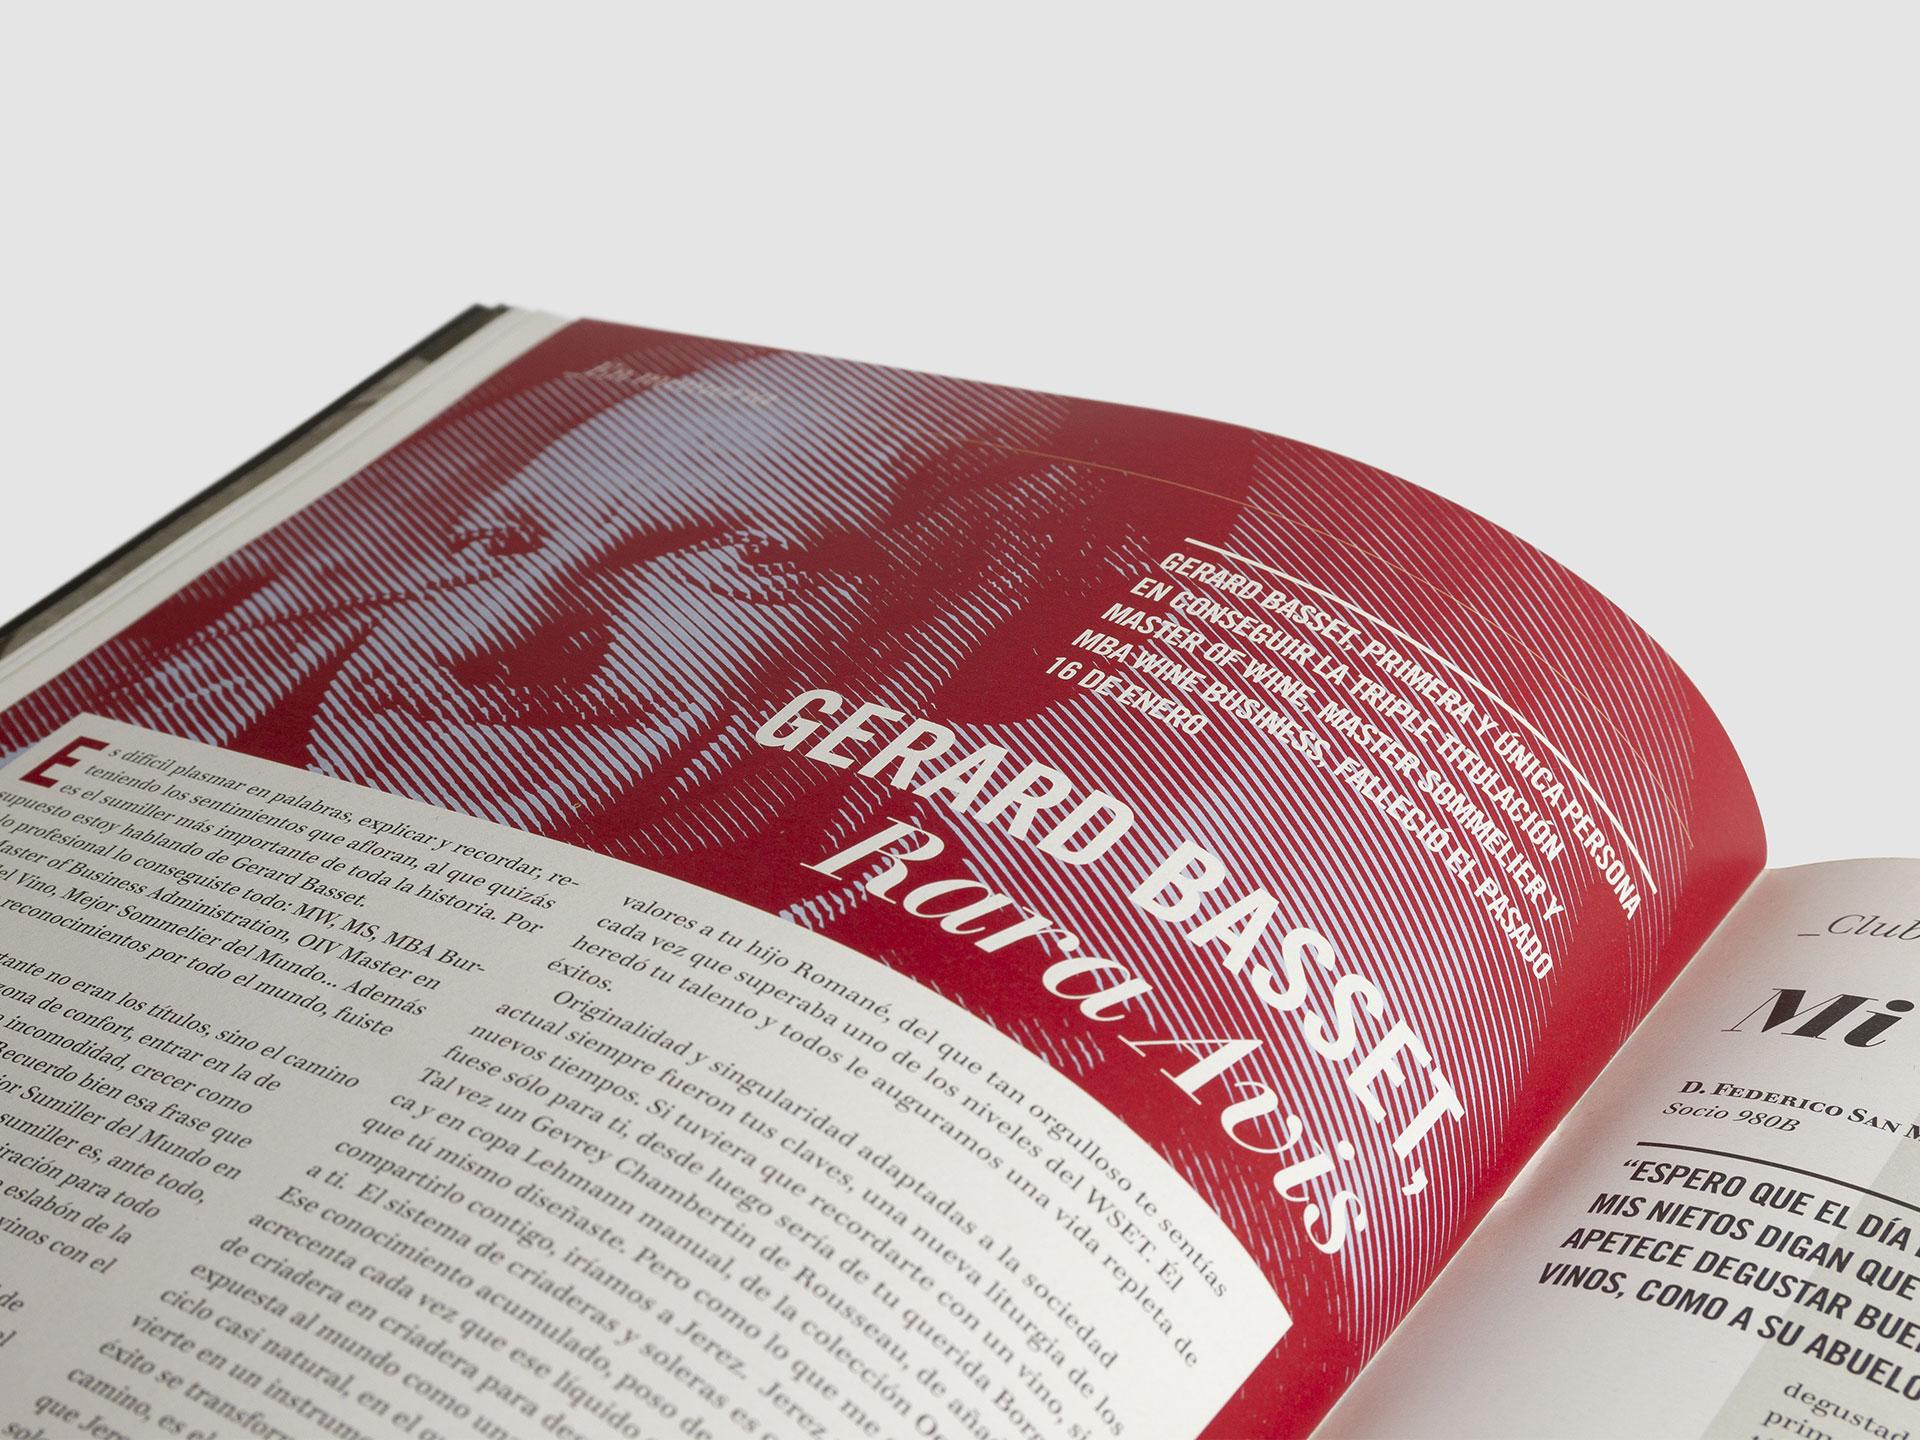 diseño editorial publicacion la rioja